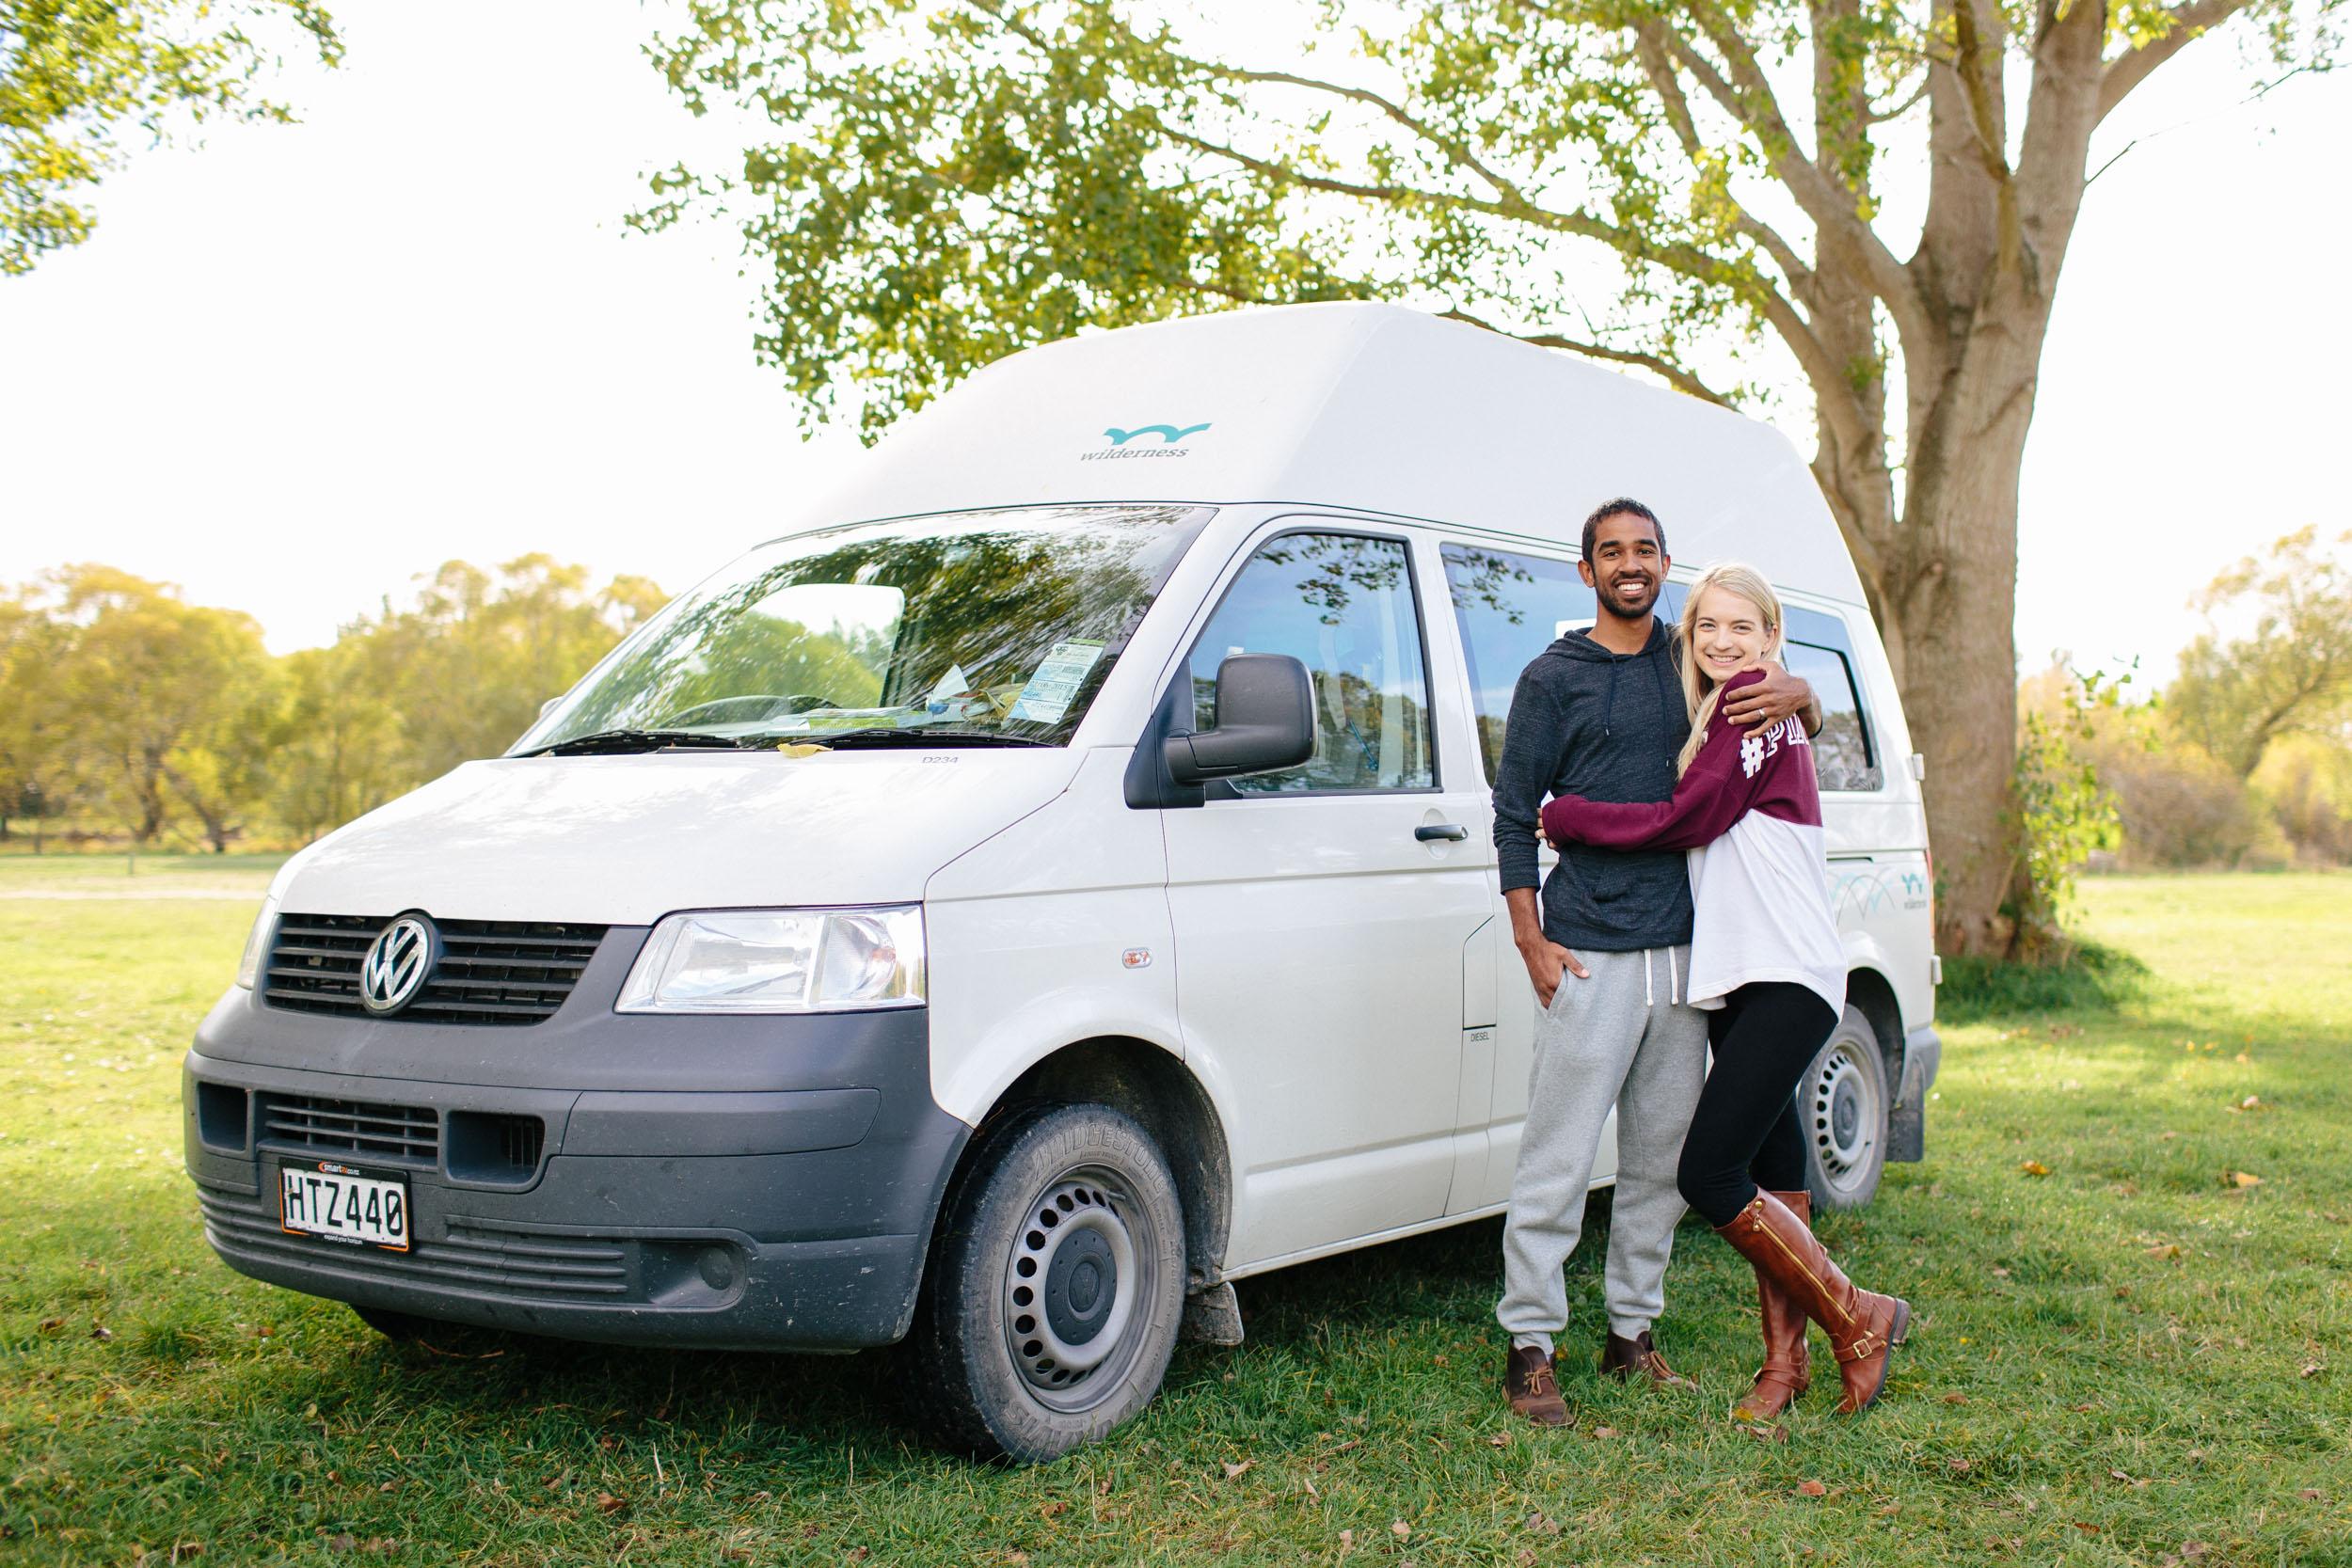 new-zealand-camper-van-roadtrip-077.jpg